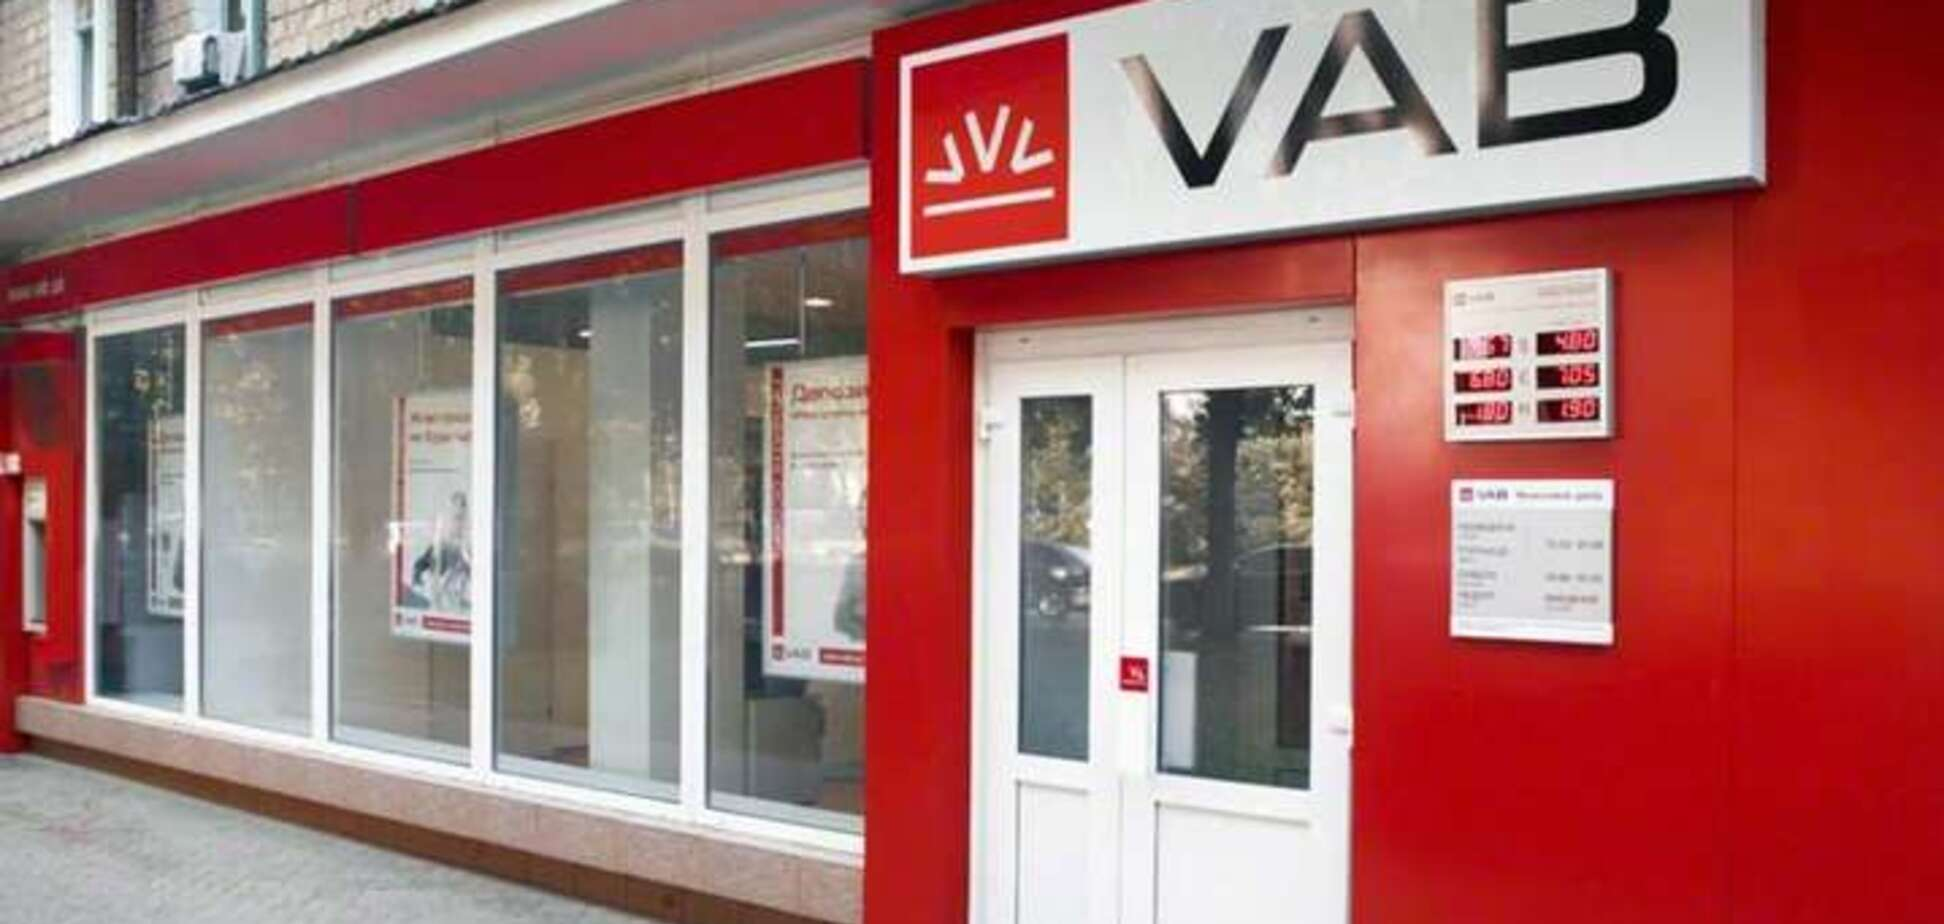 Через Ситника держава отримала лише 234 млн від продажу VAB-банку - Бахматюк